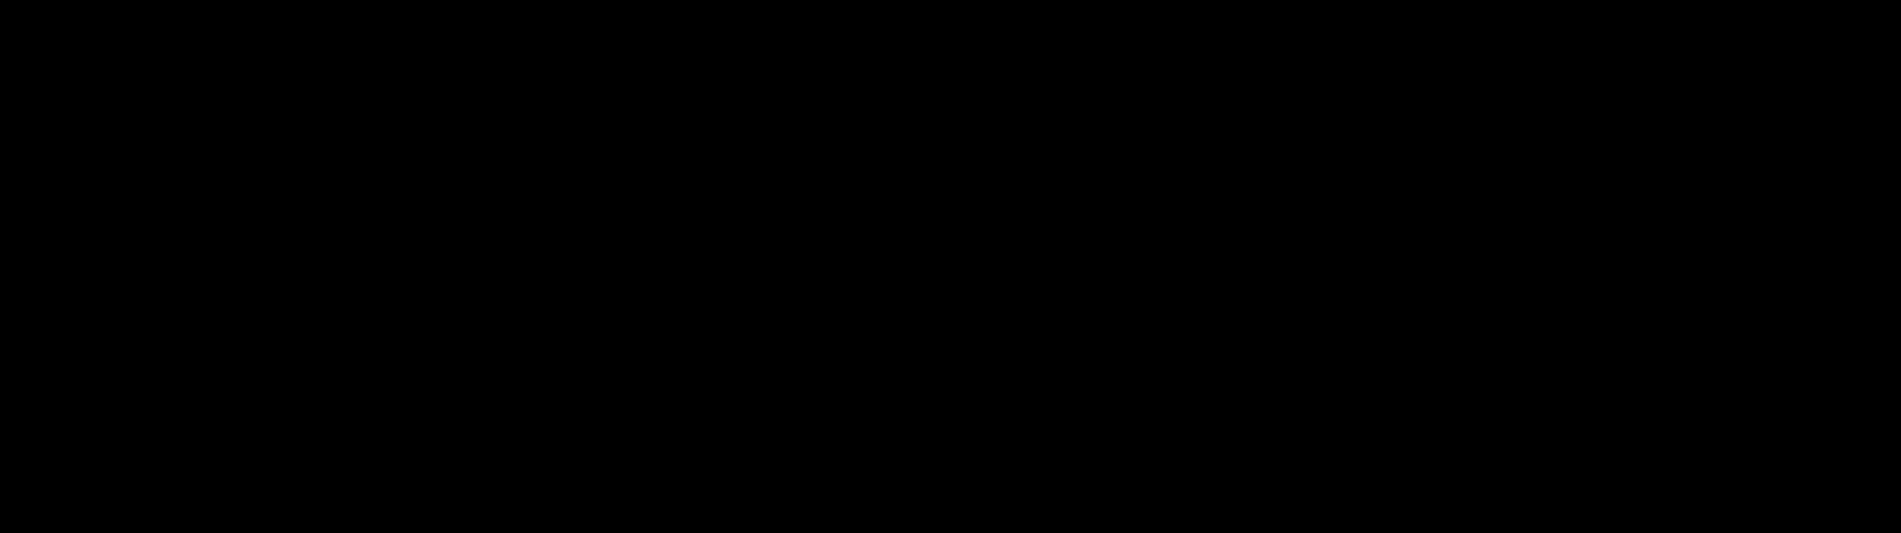 Equim's Services Door Linework